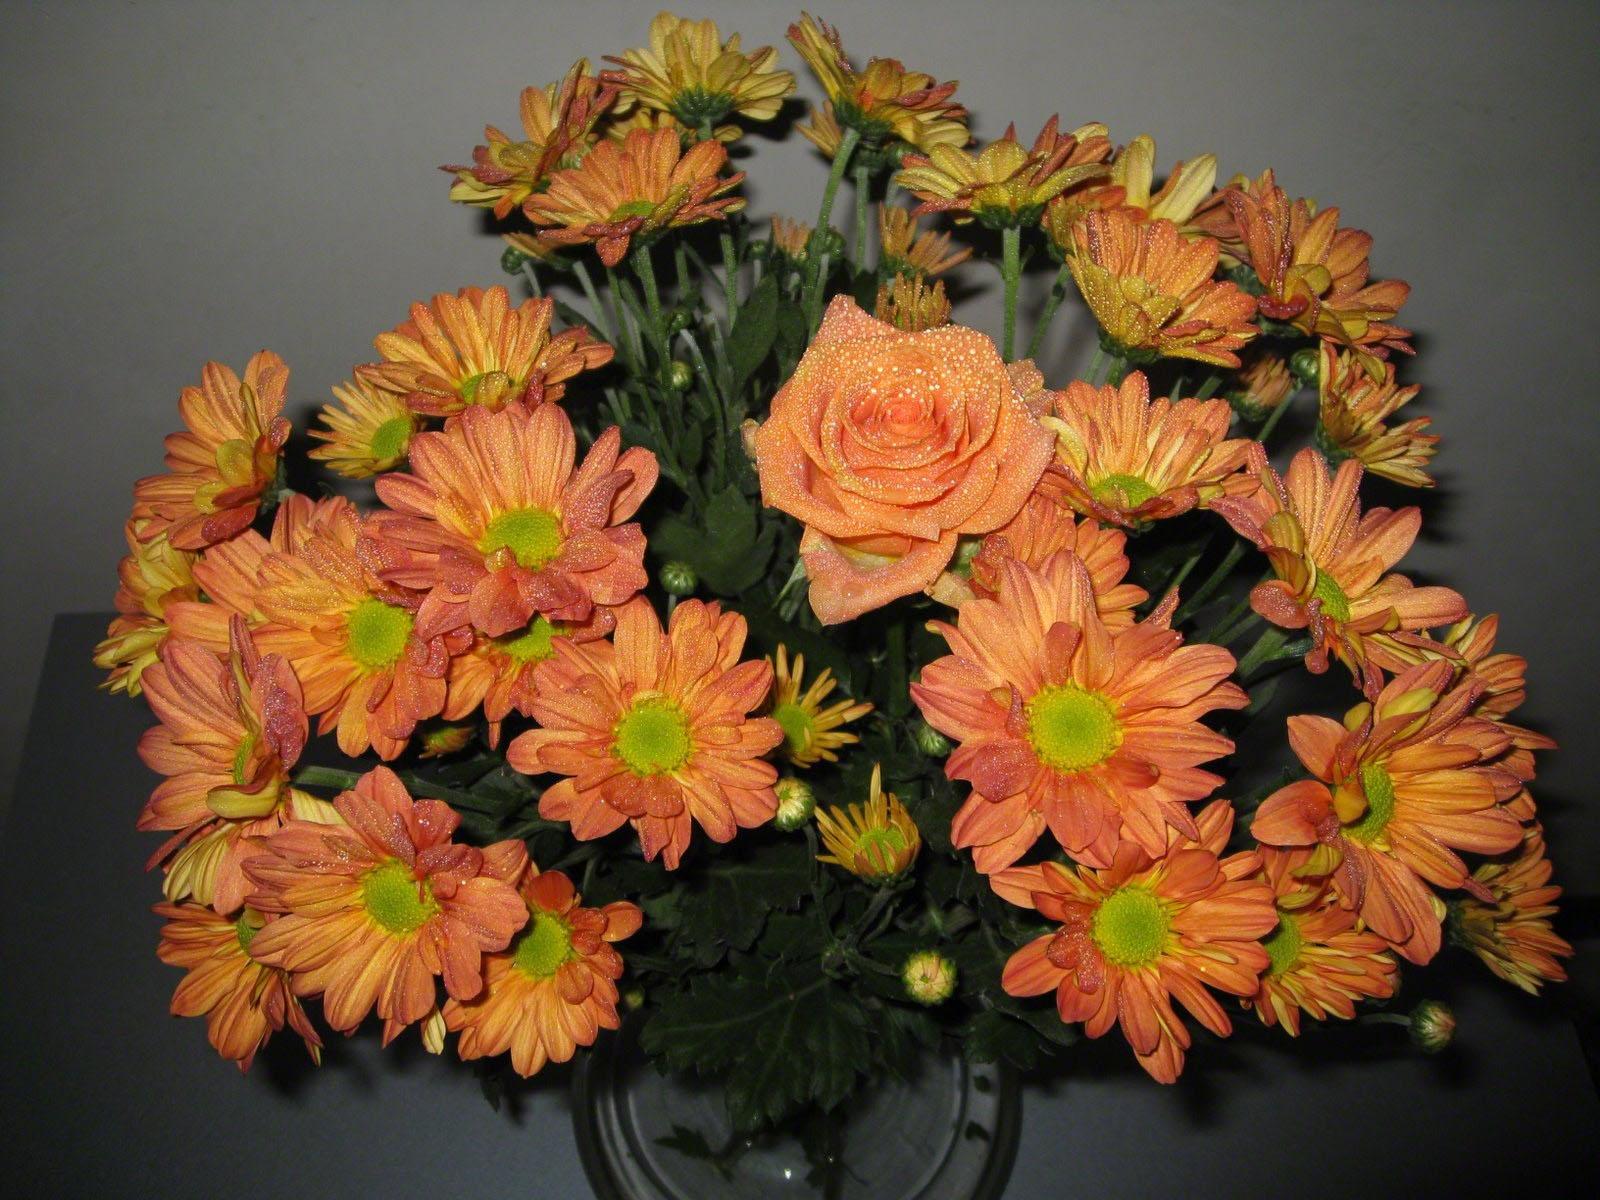 обоев помогут букеты хризантем в вазе фото остров, задумываясь ищу